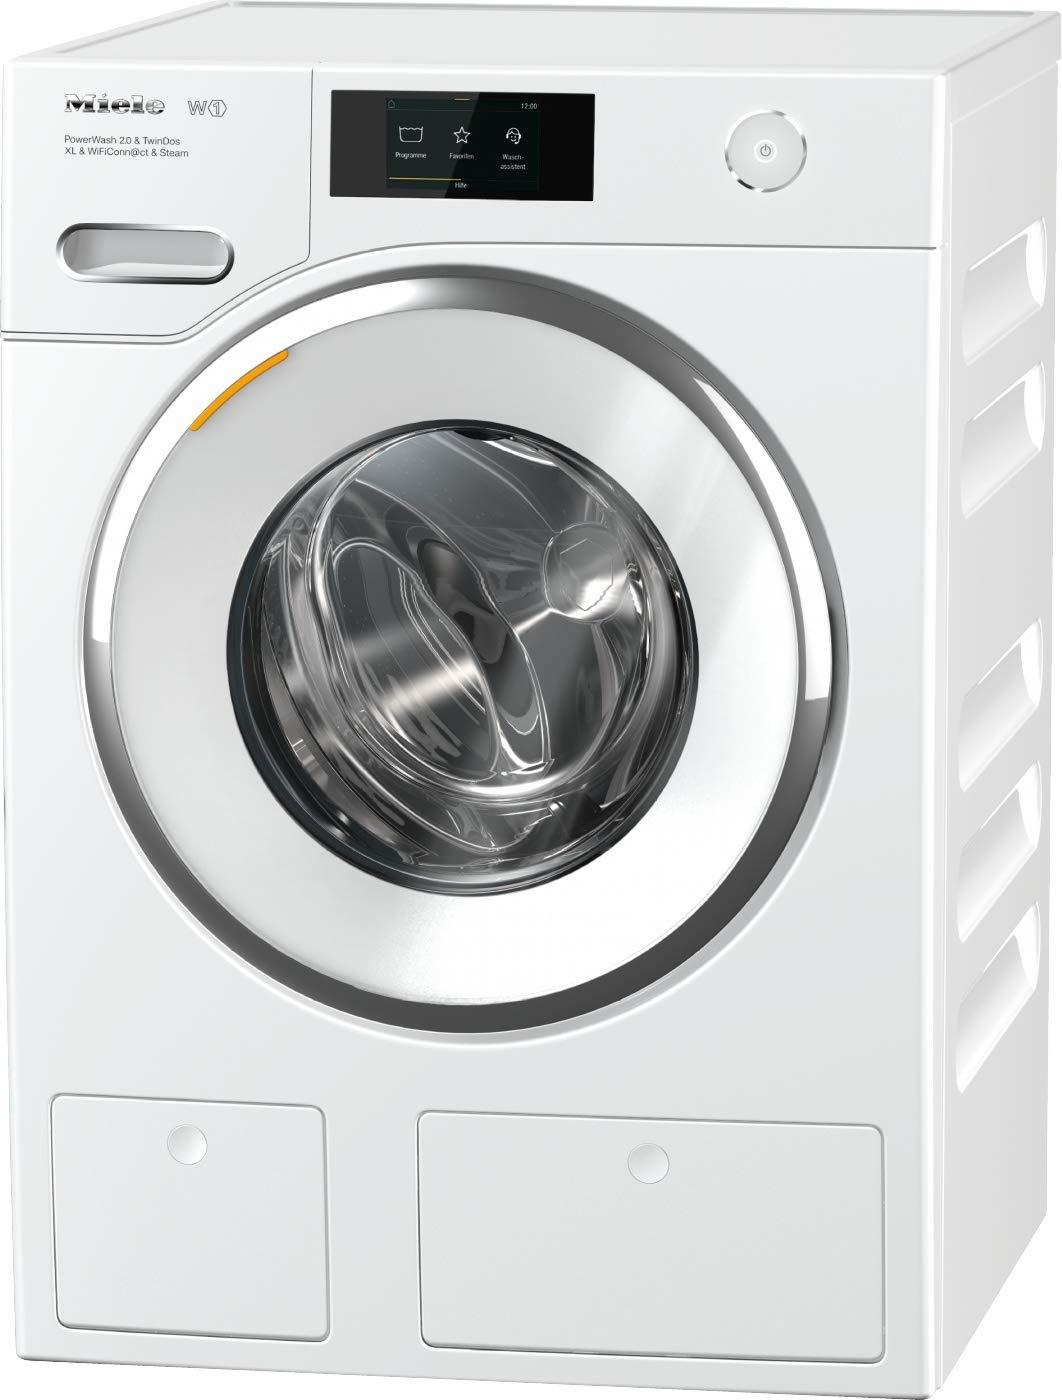 Miele-WWR-880-WPS-WaschmaschineEnergieklasse-A130-kWhJahrmit-automatischer-DosierungWaschautomat-mit-9-kg-Schontrommel-mit-Dampffunktion-zum-Vorbgelnper-WLAN-mit-Smartphone-steuerbar